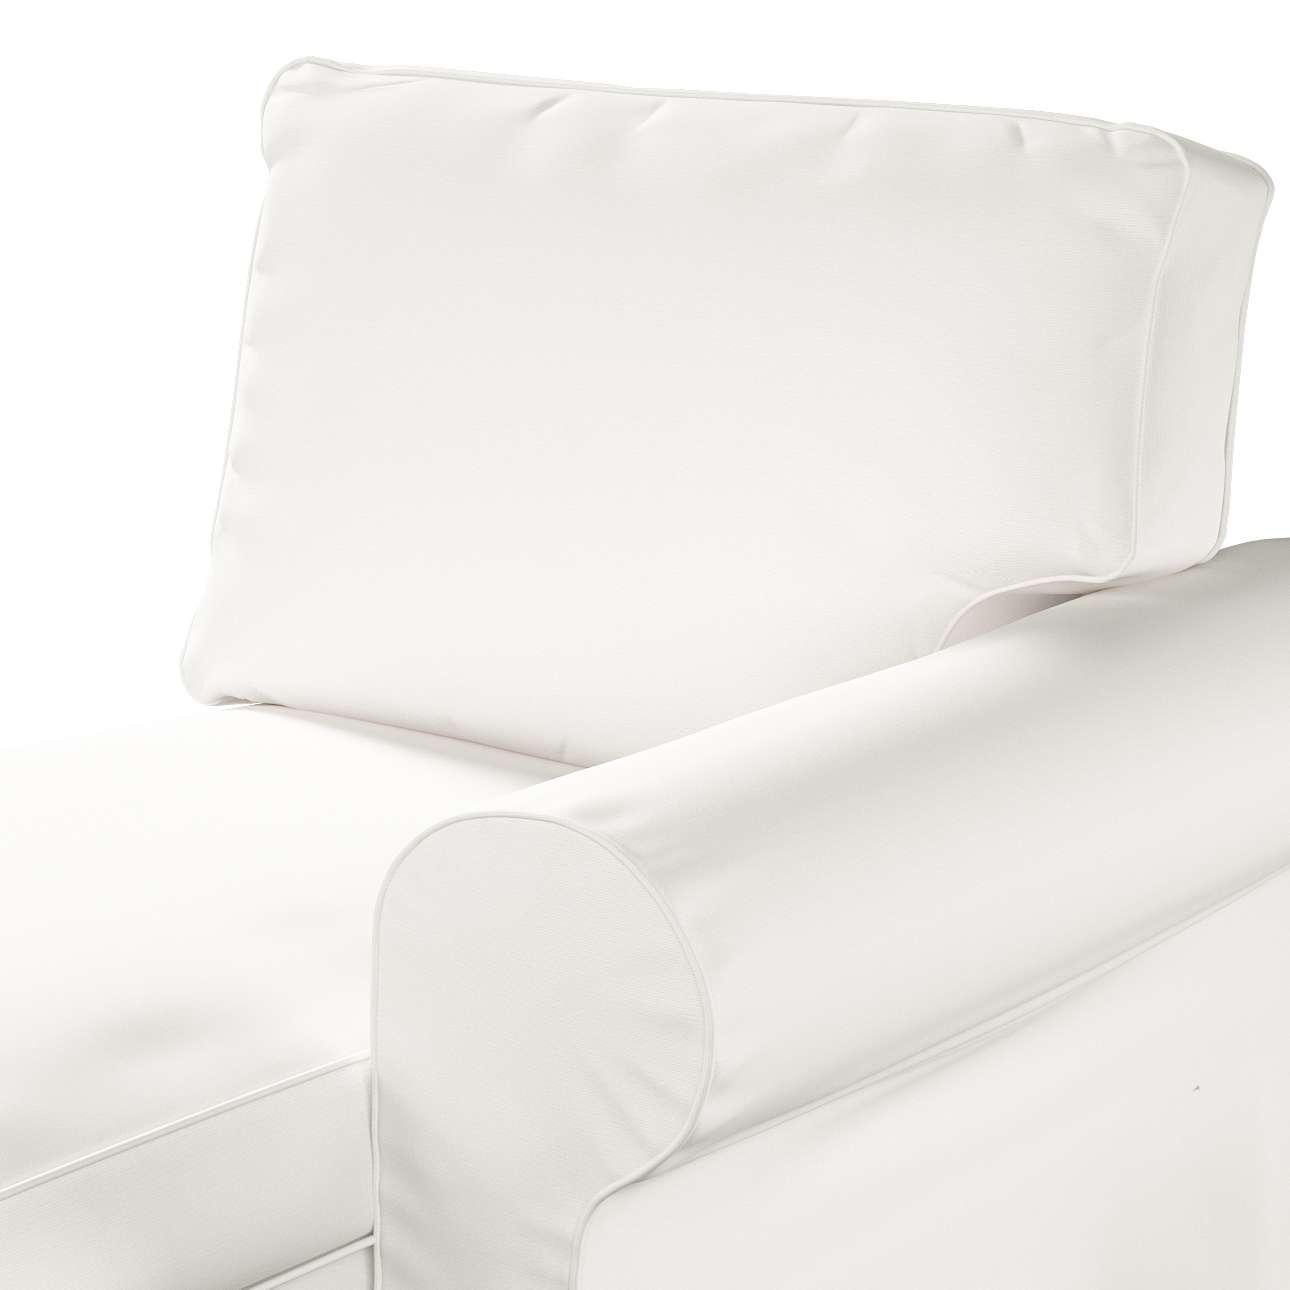 Bezug für Ektorp Récamiere rechts von der Kollektion Cotton Panama, Stoff: 702-34